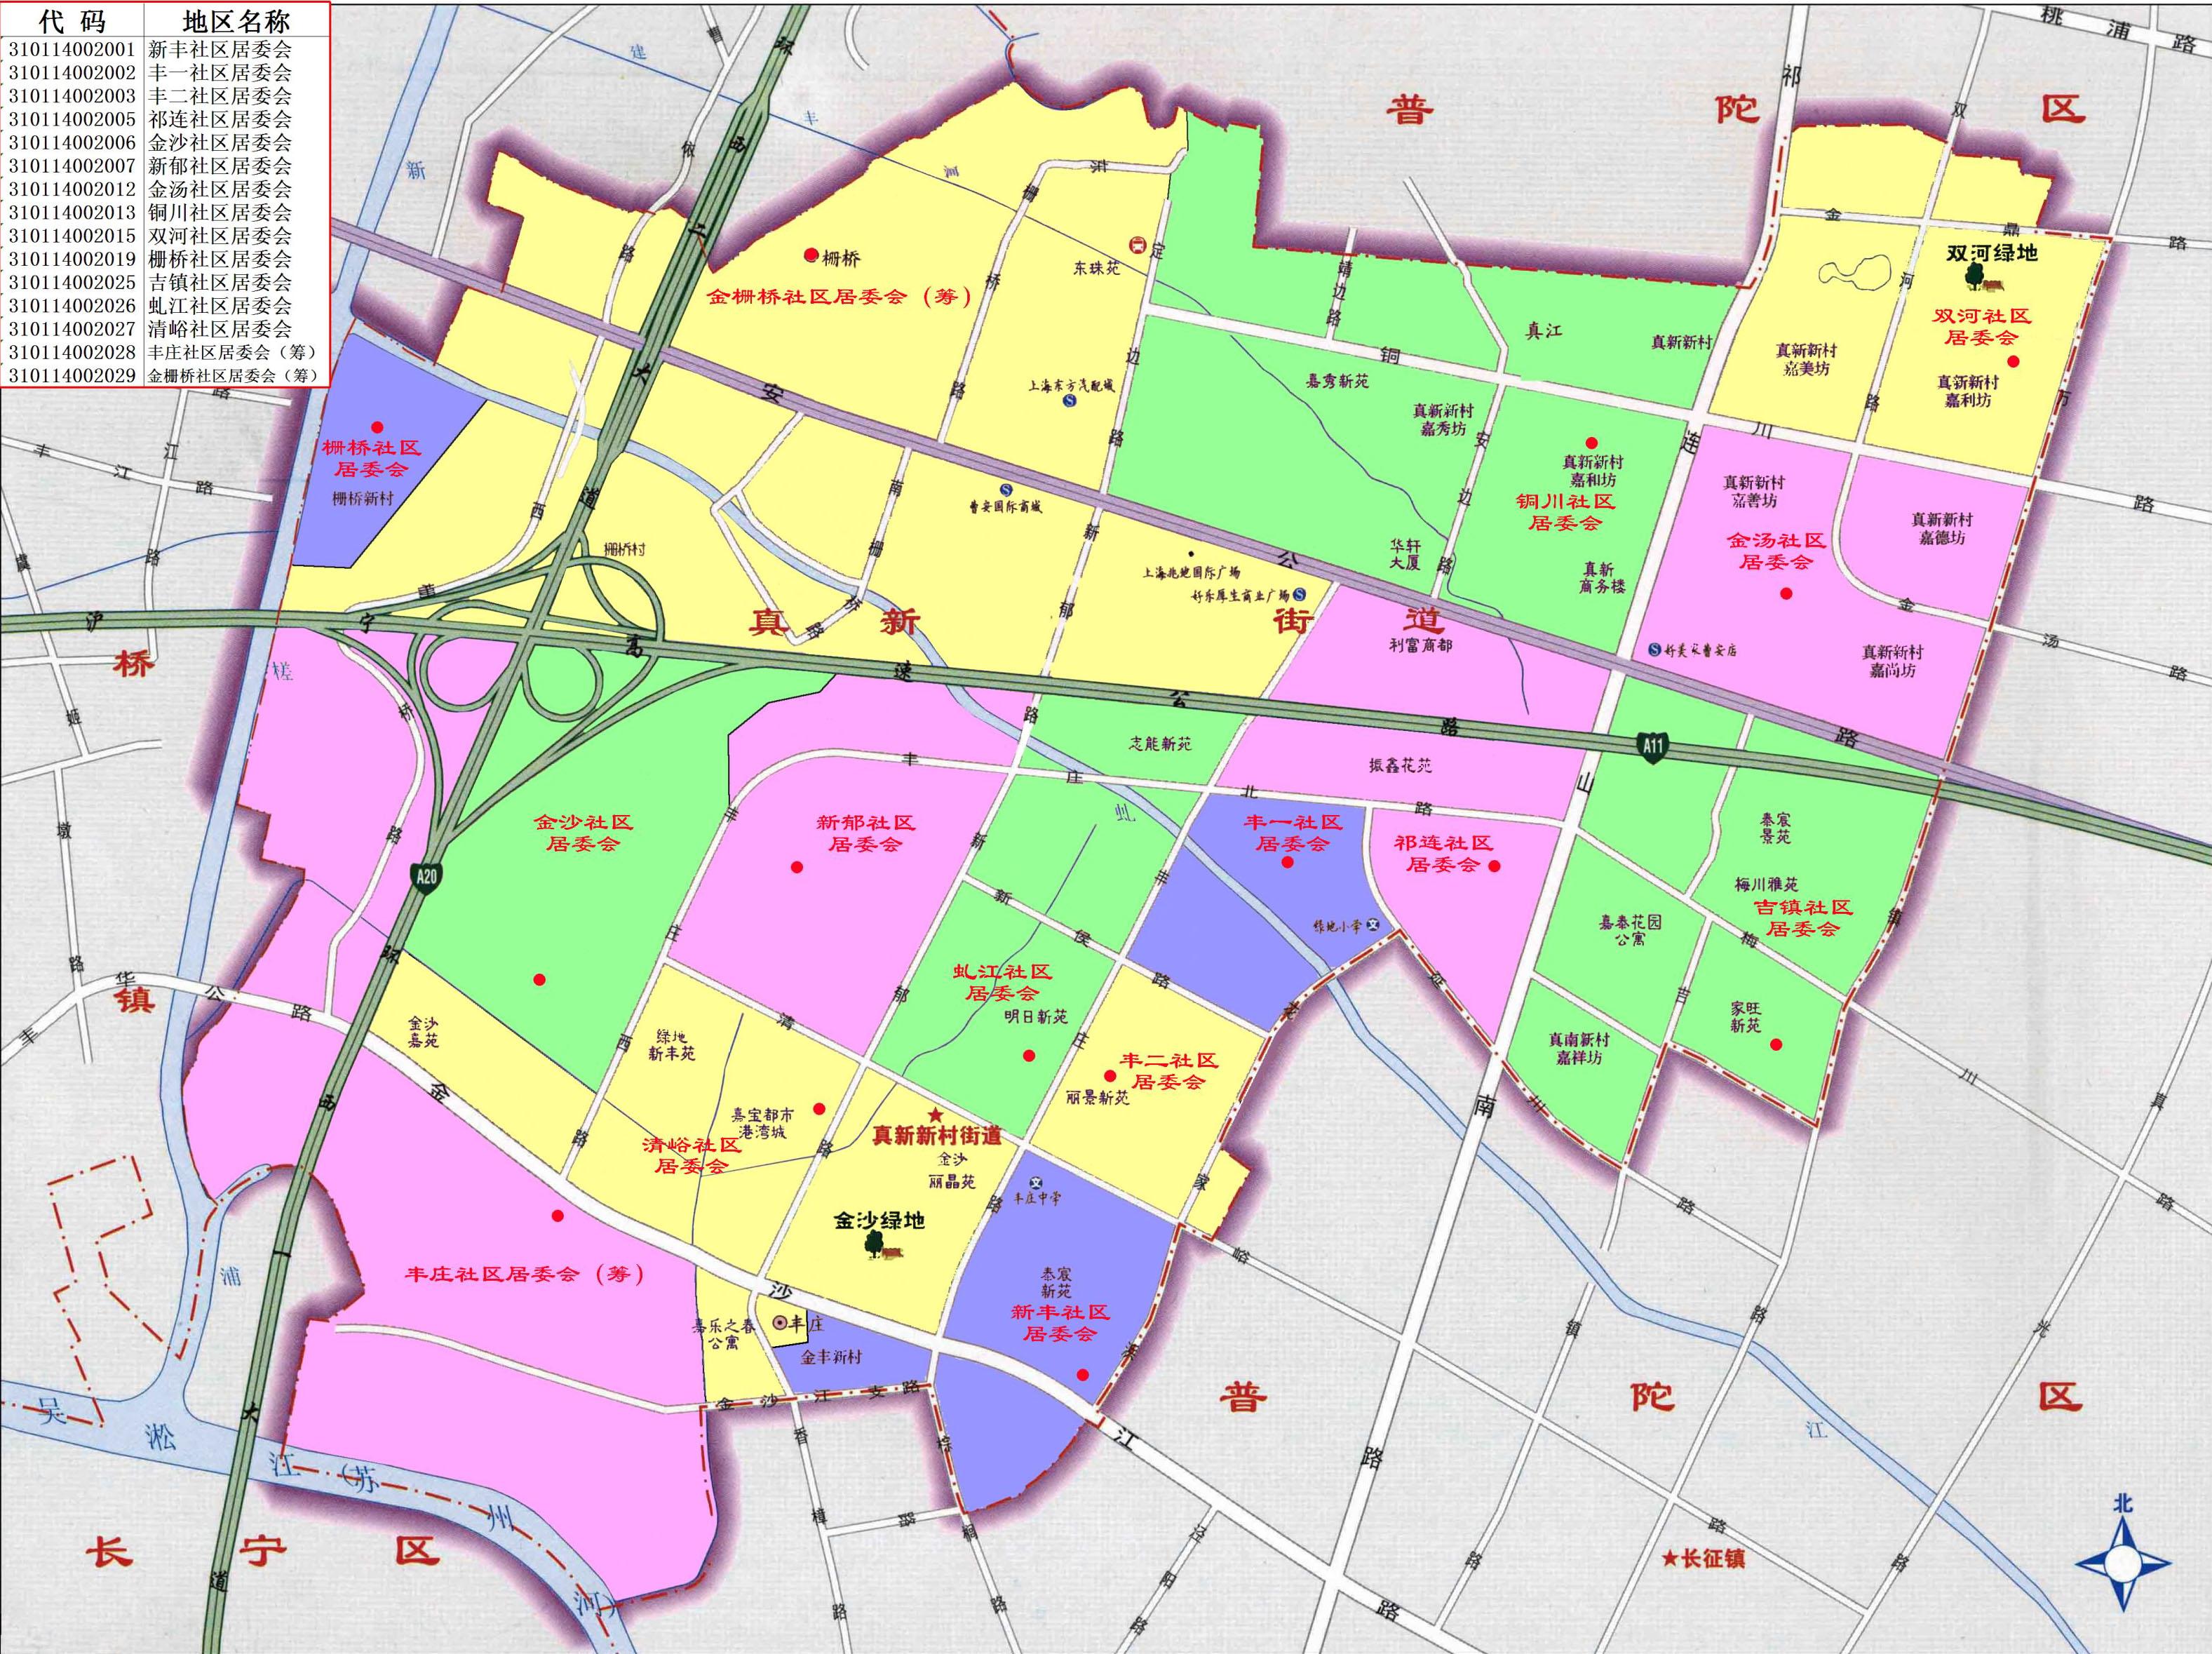 嘉定区真新街道地图